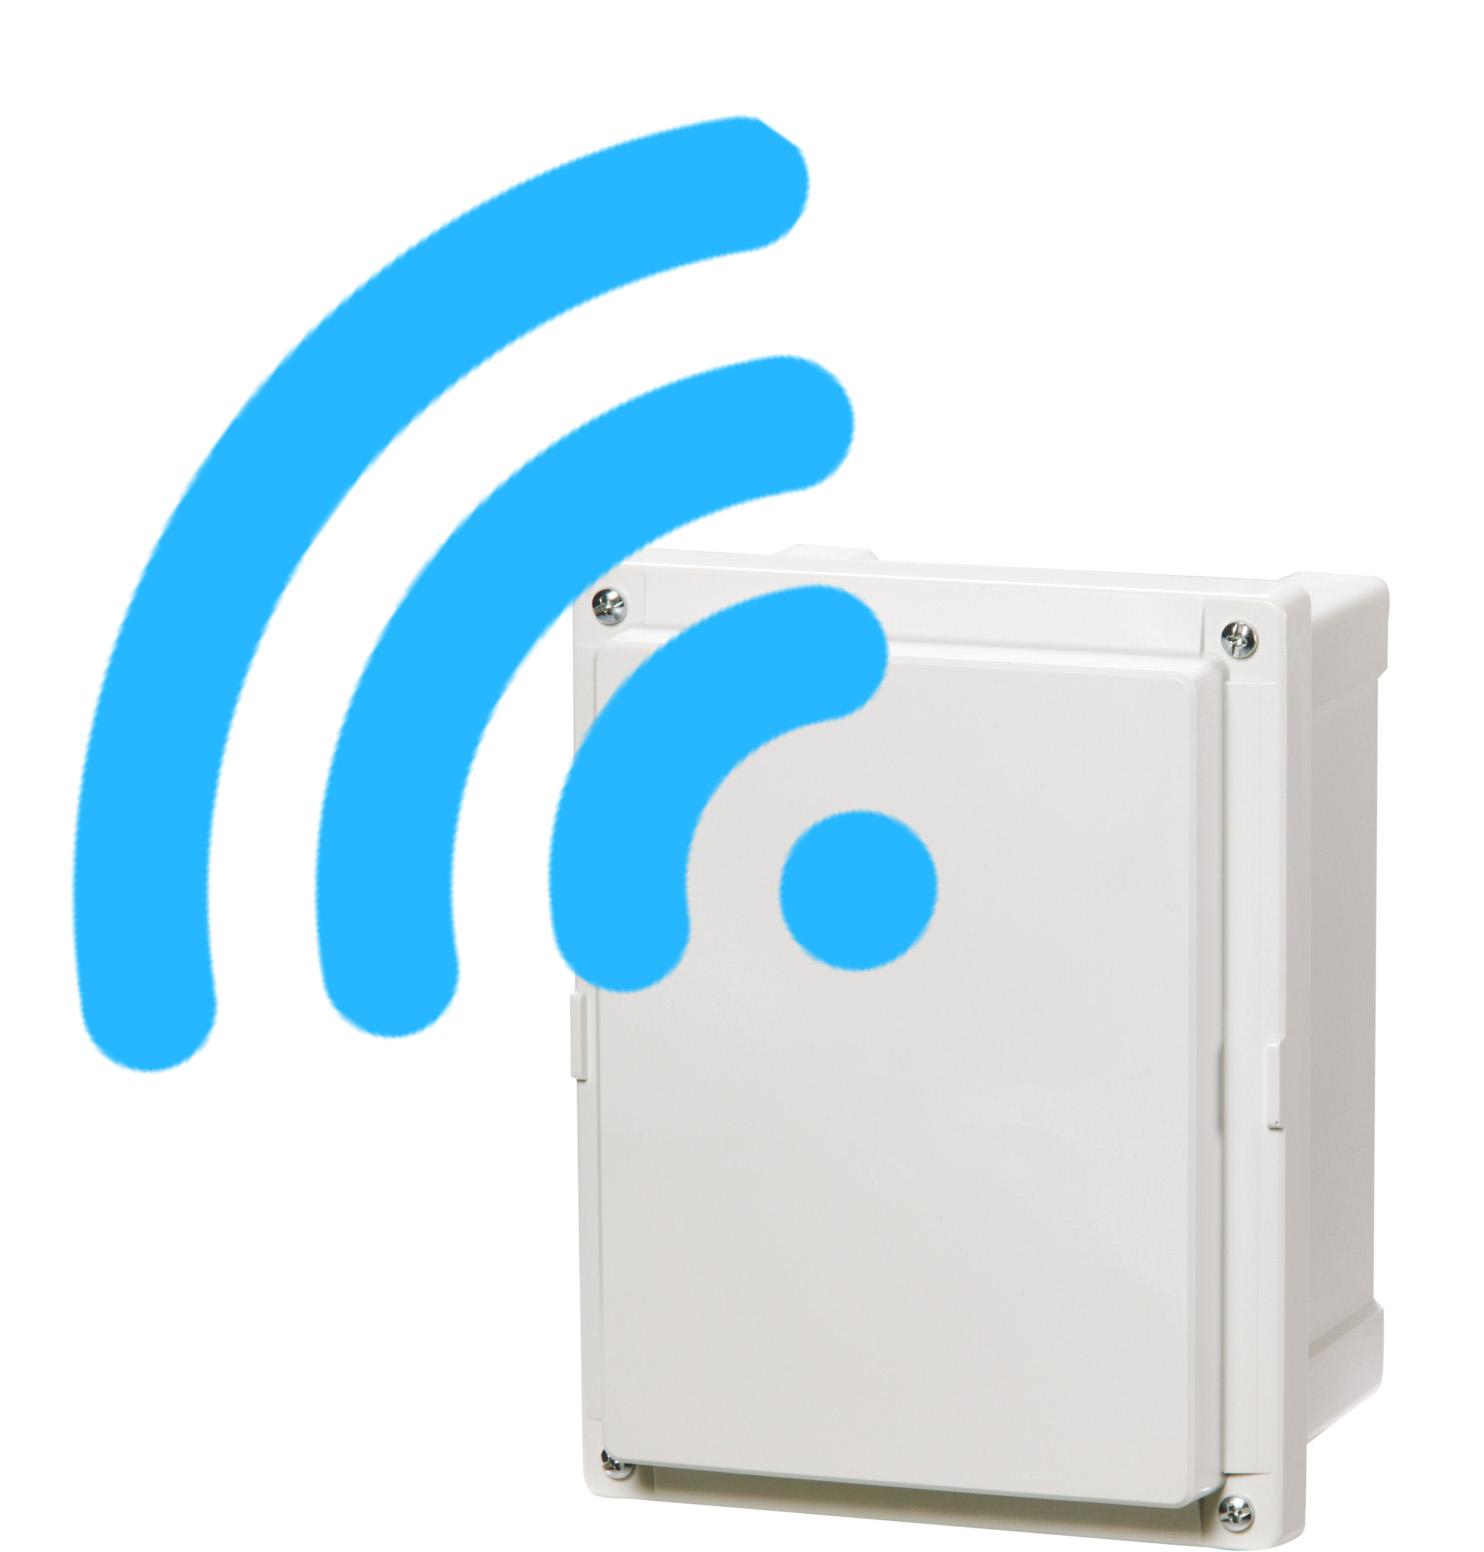 Wifi polycarboante enclosure